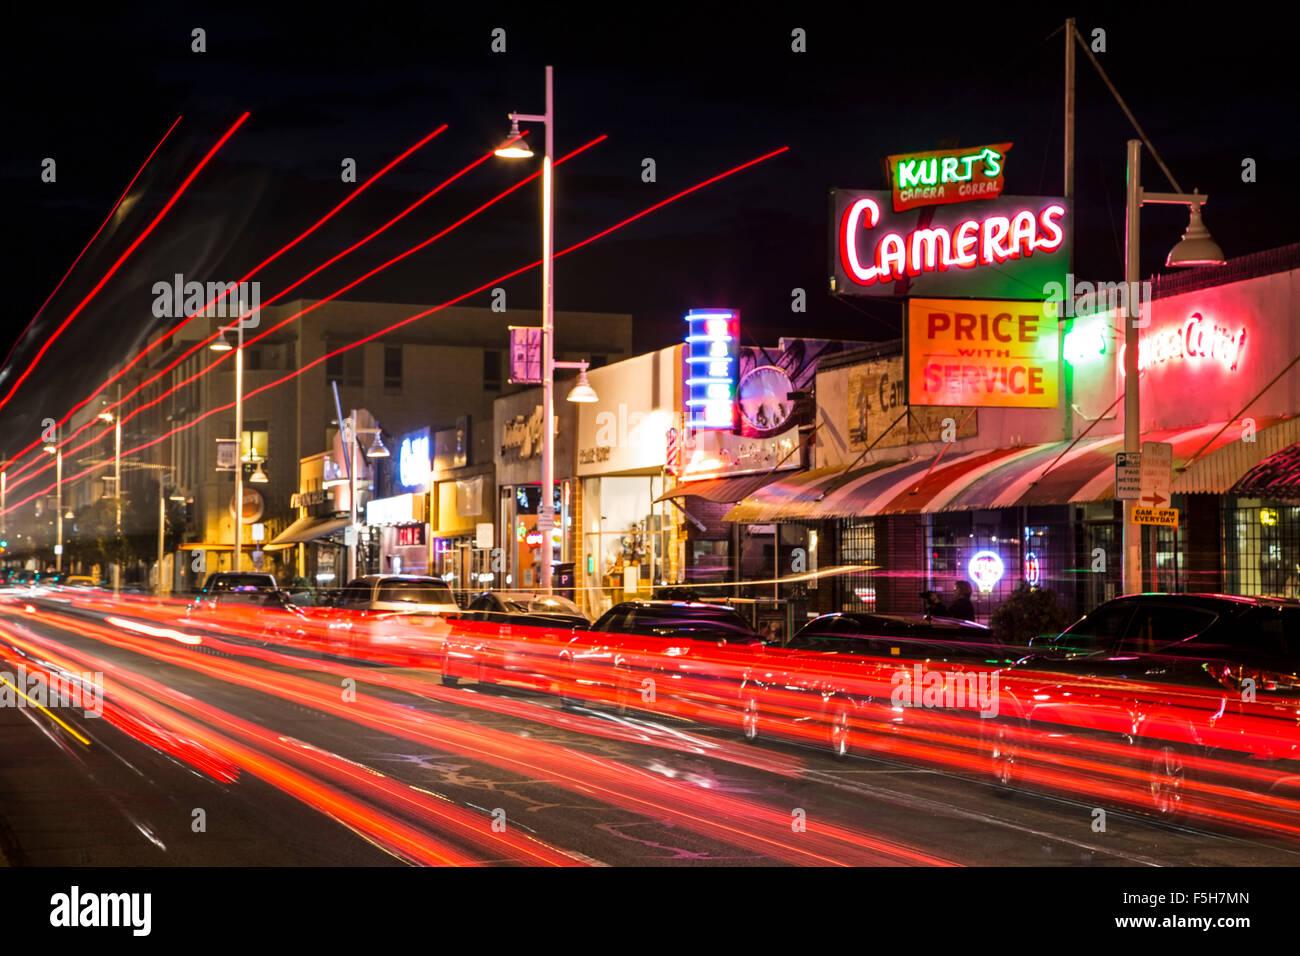 L'appareil photo de Kurt Corral en néon et des stries claires sur l'Avenue centrale (anciennement la Photo Stock